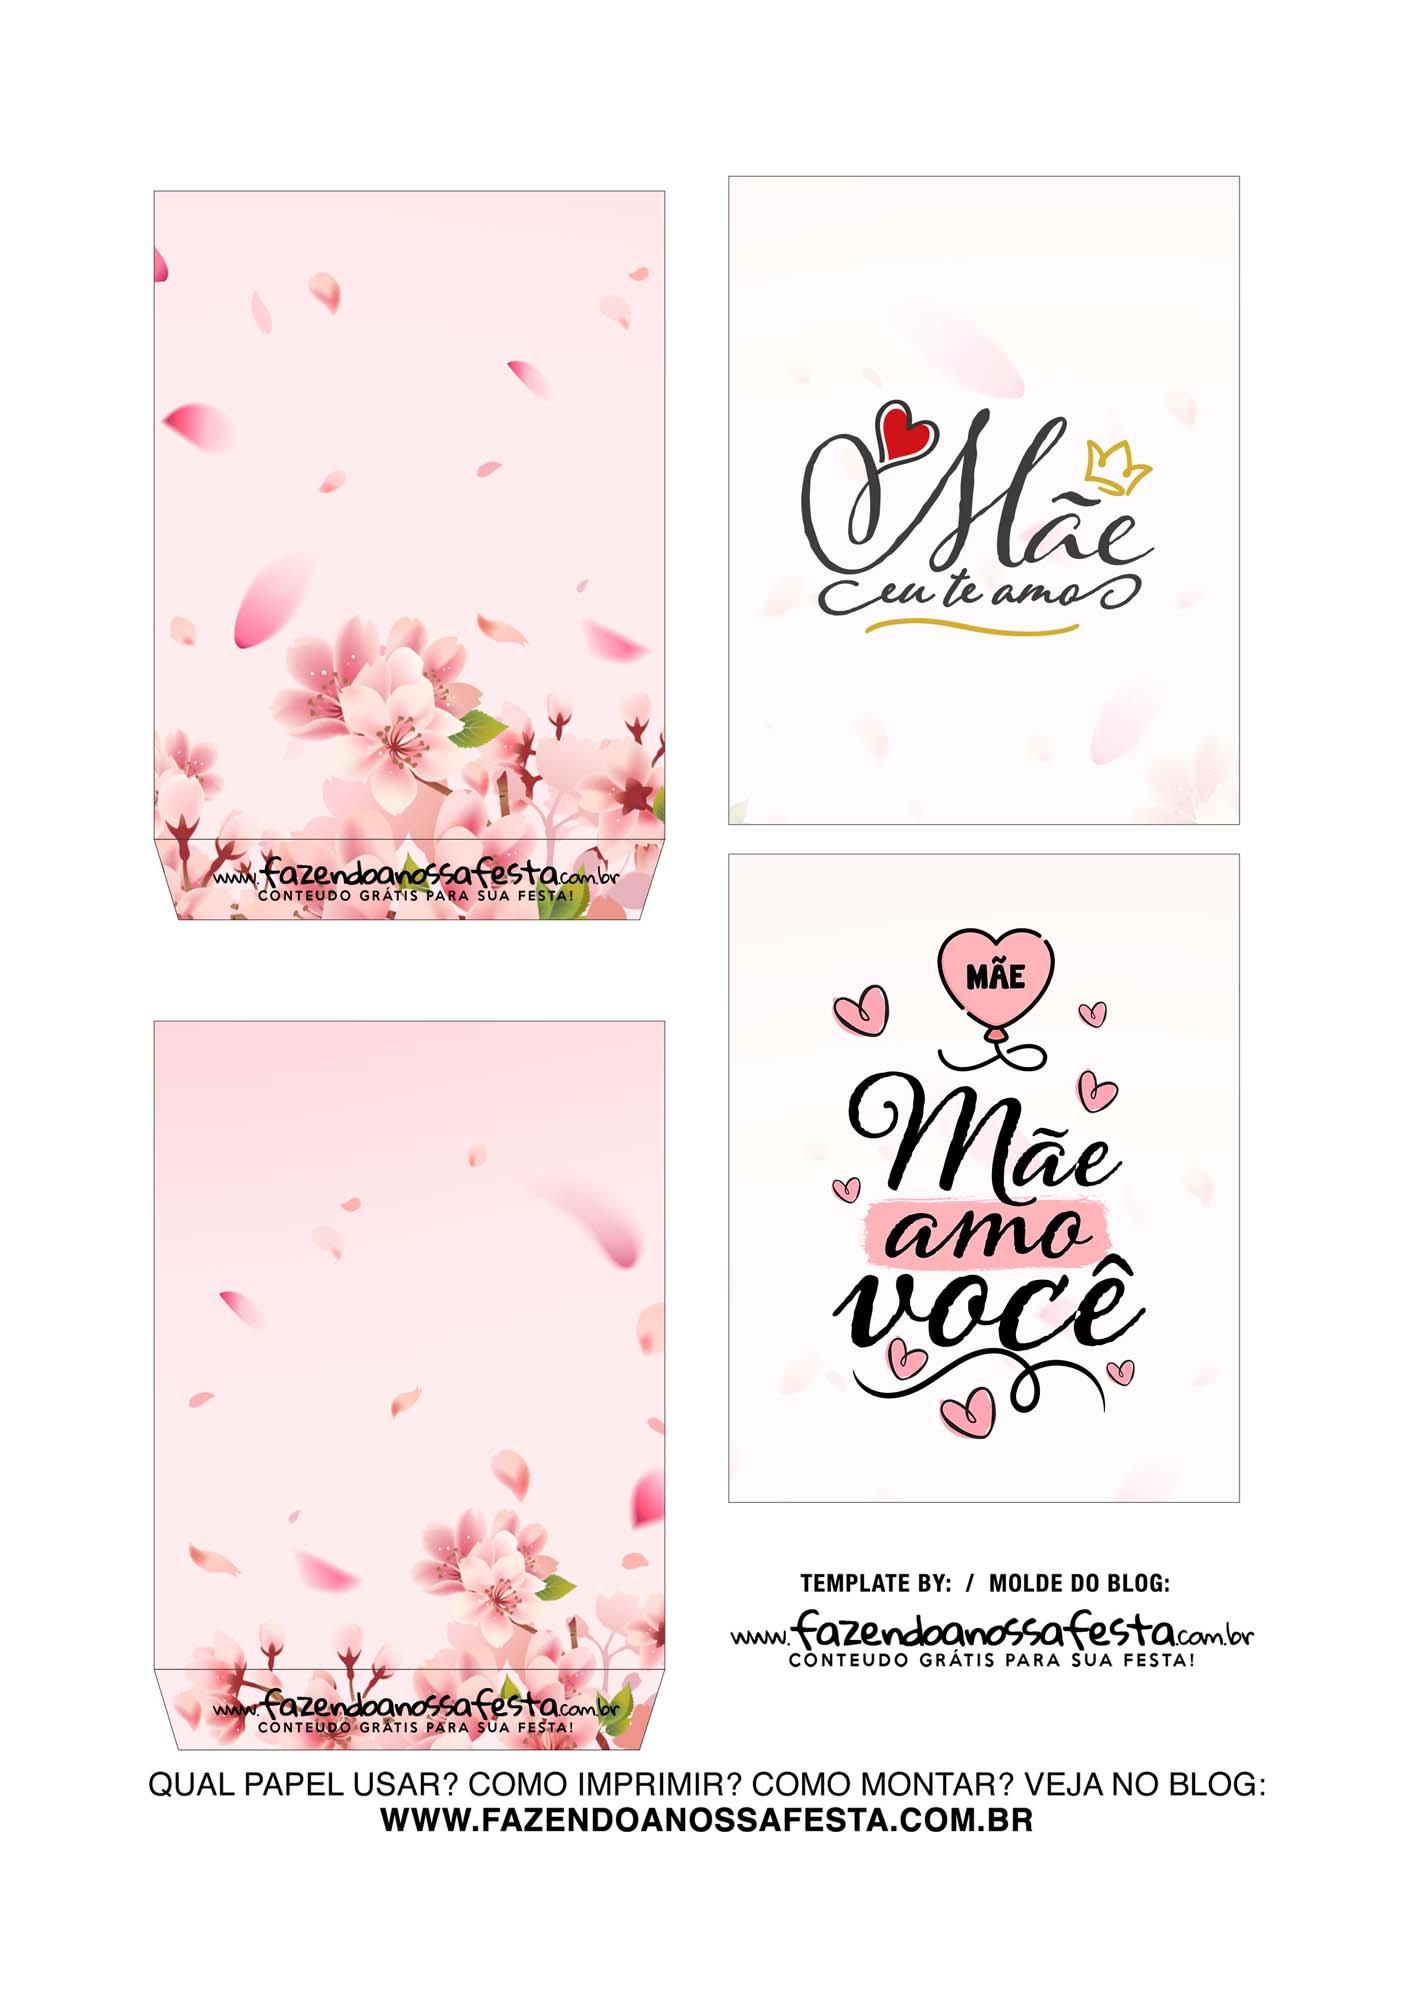 Caixa Explosiva Dia das Maes floral cerejeira 3